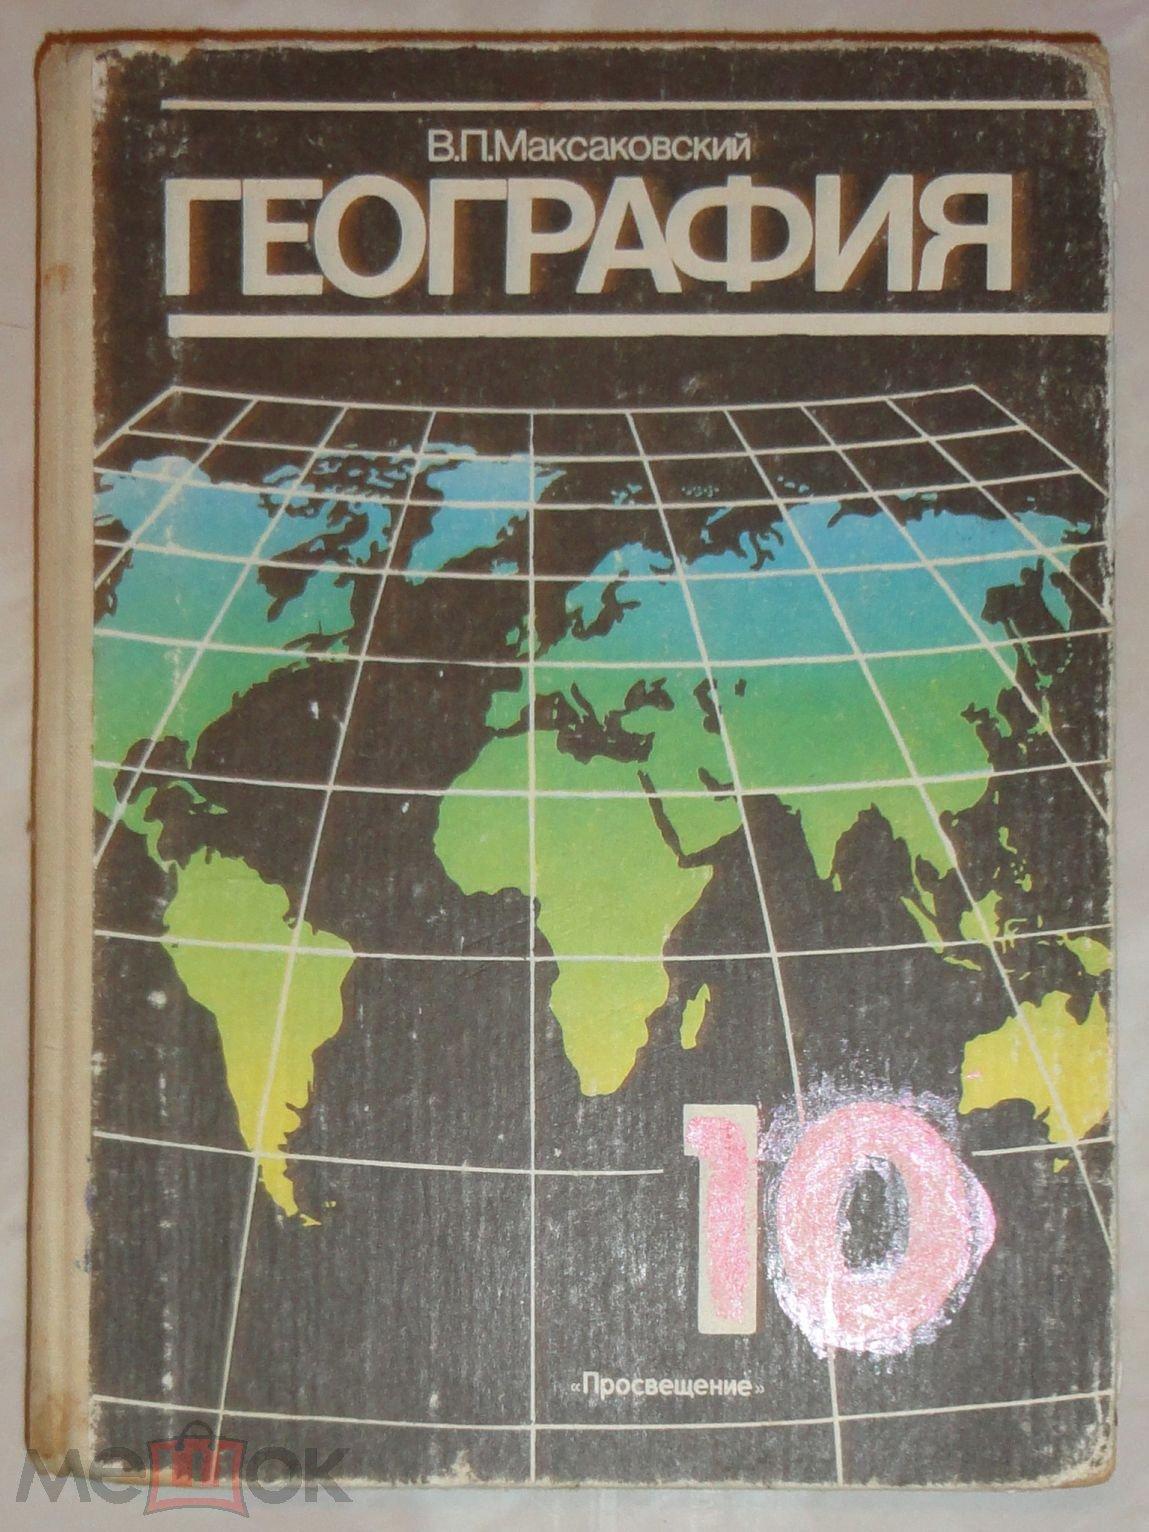 Все конспекты к географии максаковский 10 класс